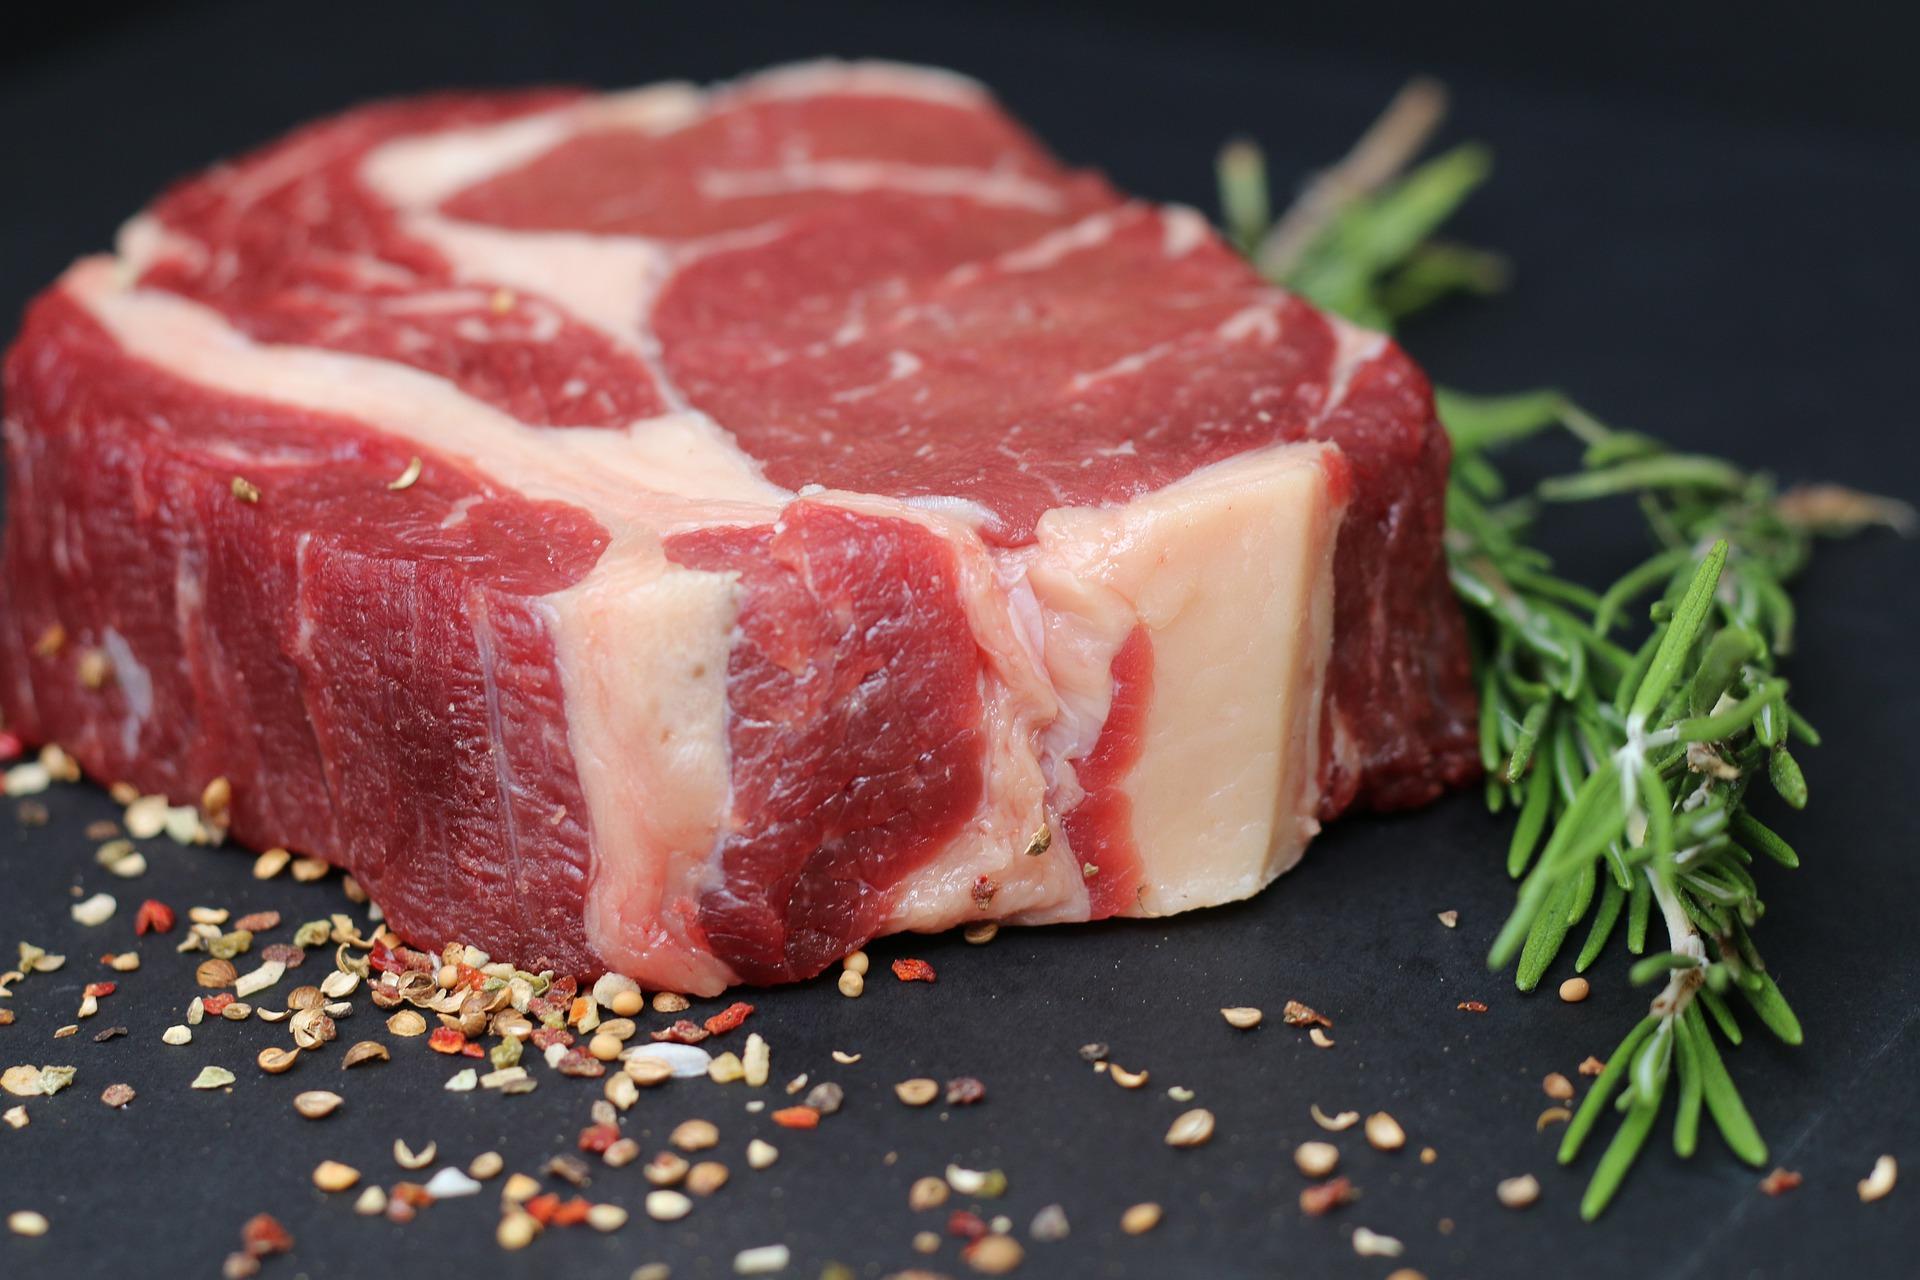 いきなりステーキの食べ方徹底解説!注文法は?何グラムが良いの?肉マイレージって何?